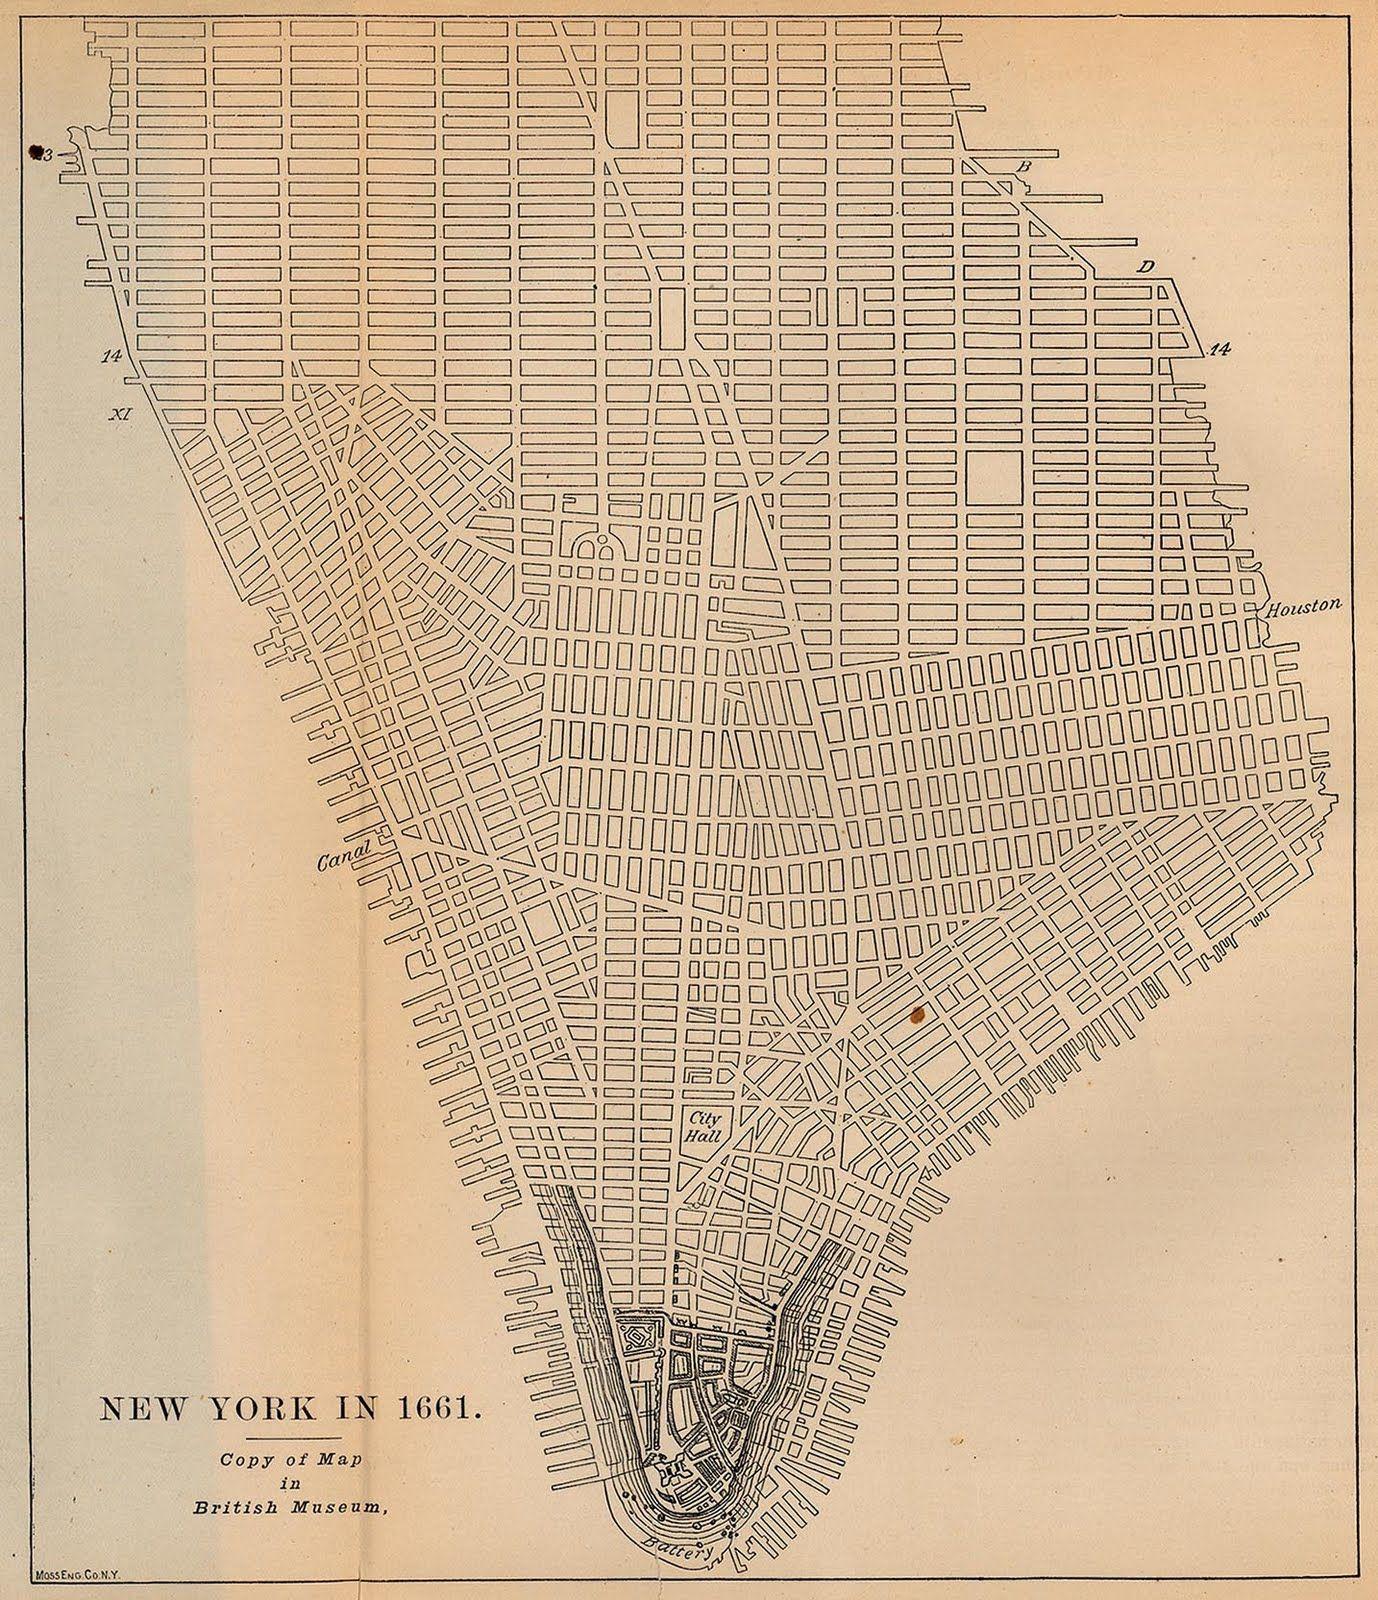 Plan De New York Carte De New York Plan De Manhattan Plan De Métro New York Plan De Brooklyn Cartes Ancien Cartes Anciennes Carte New York Plan De Métro